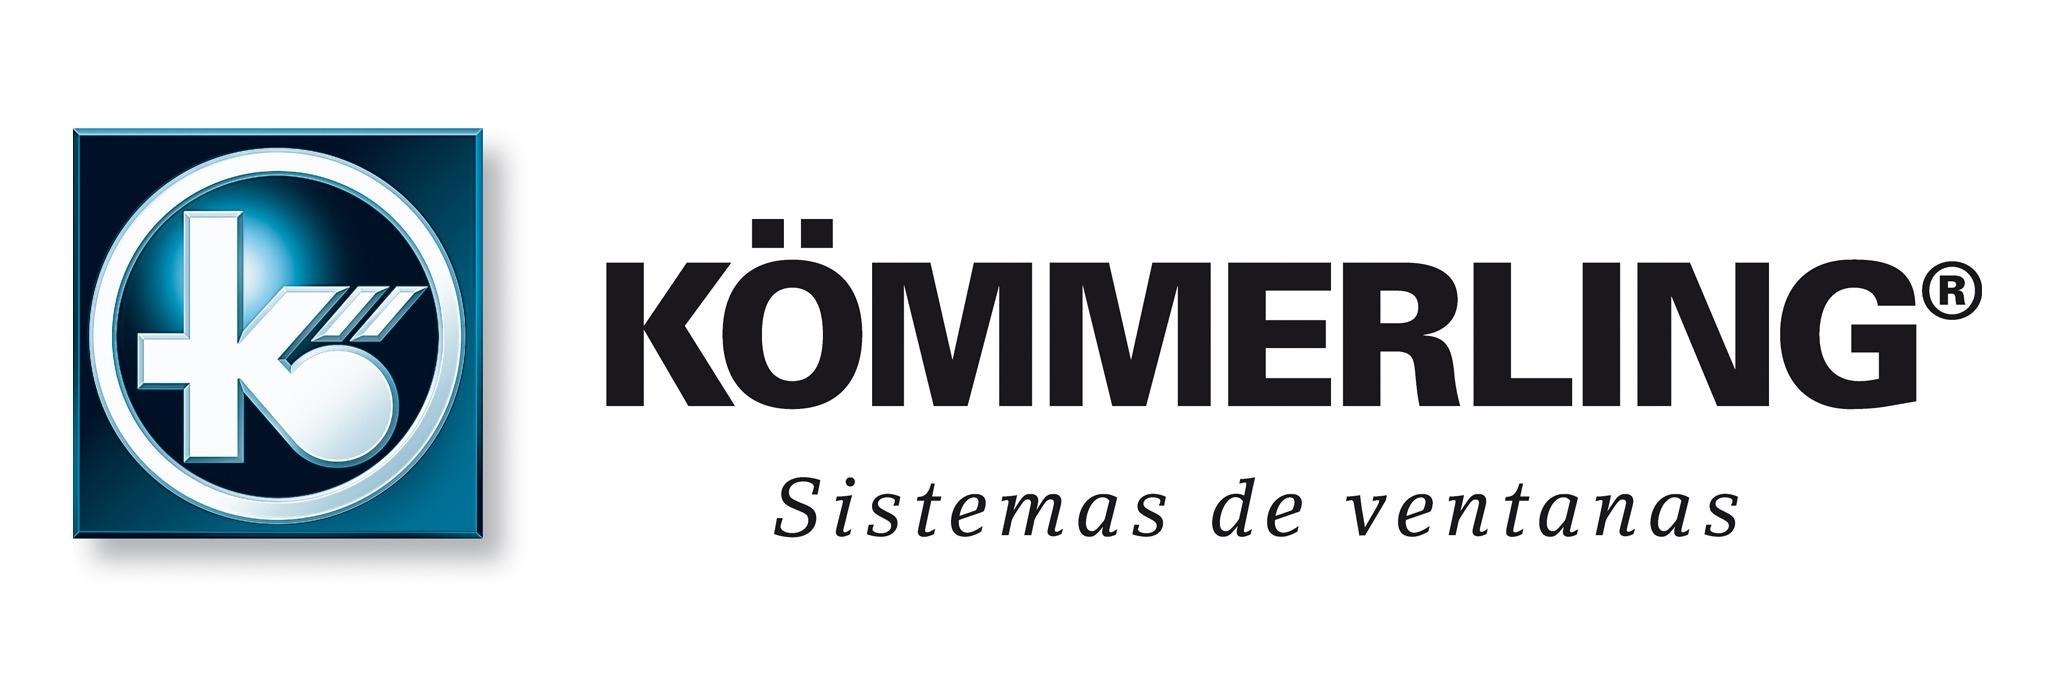 KOMERLING